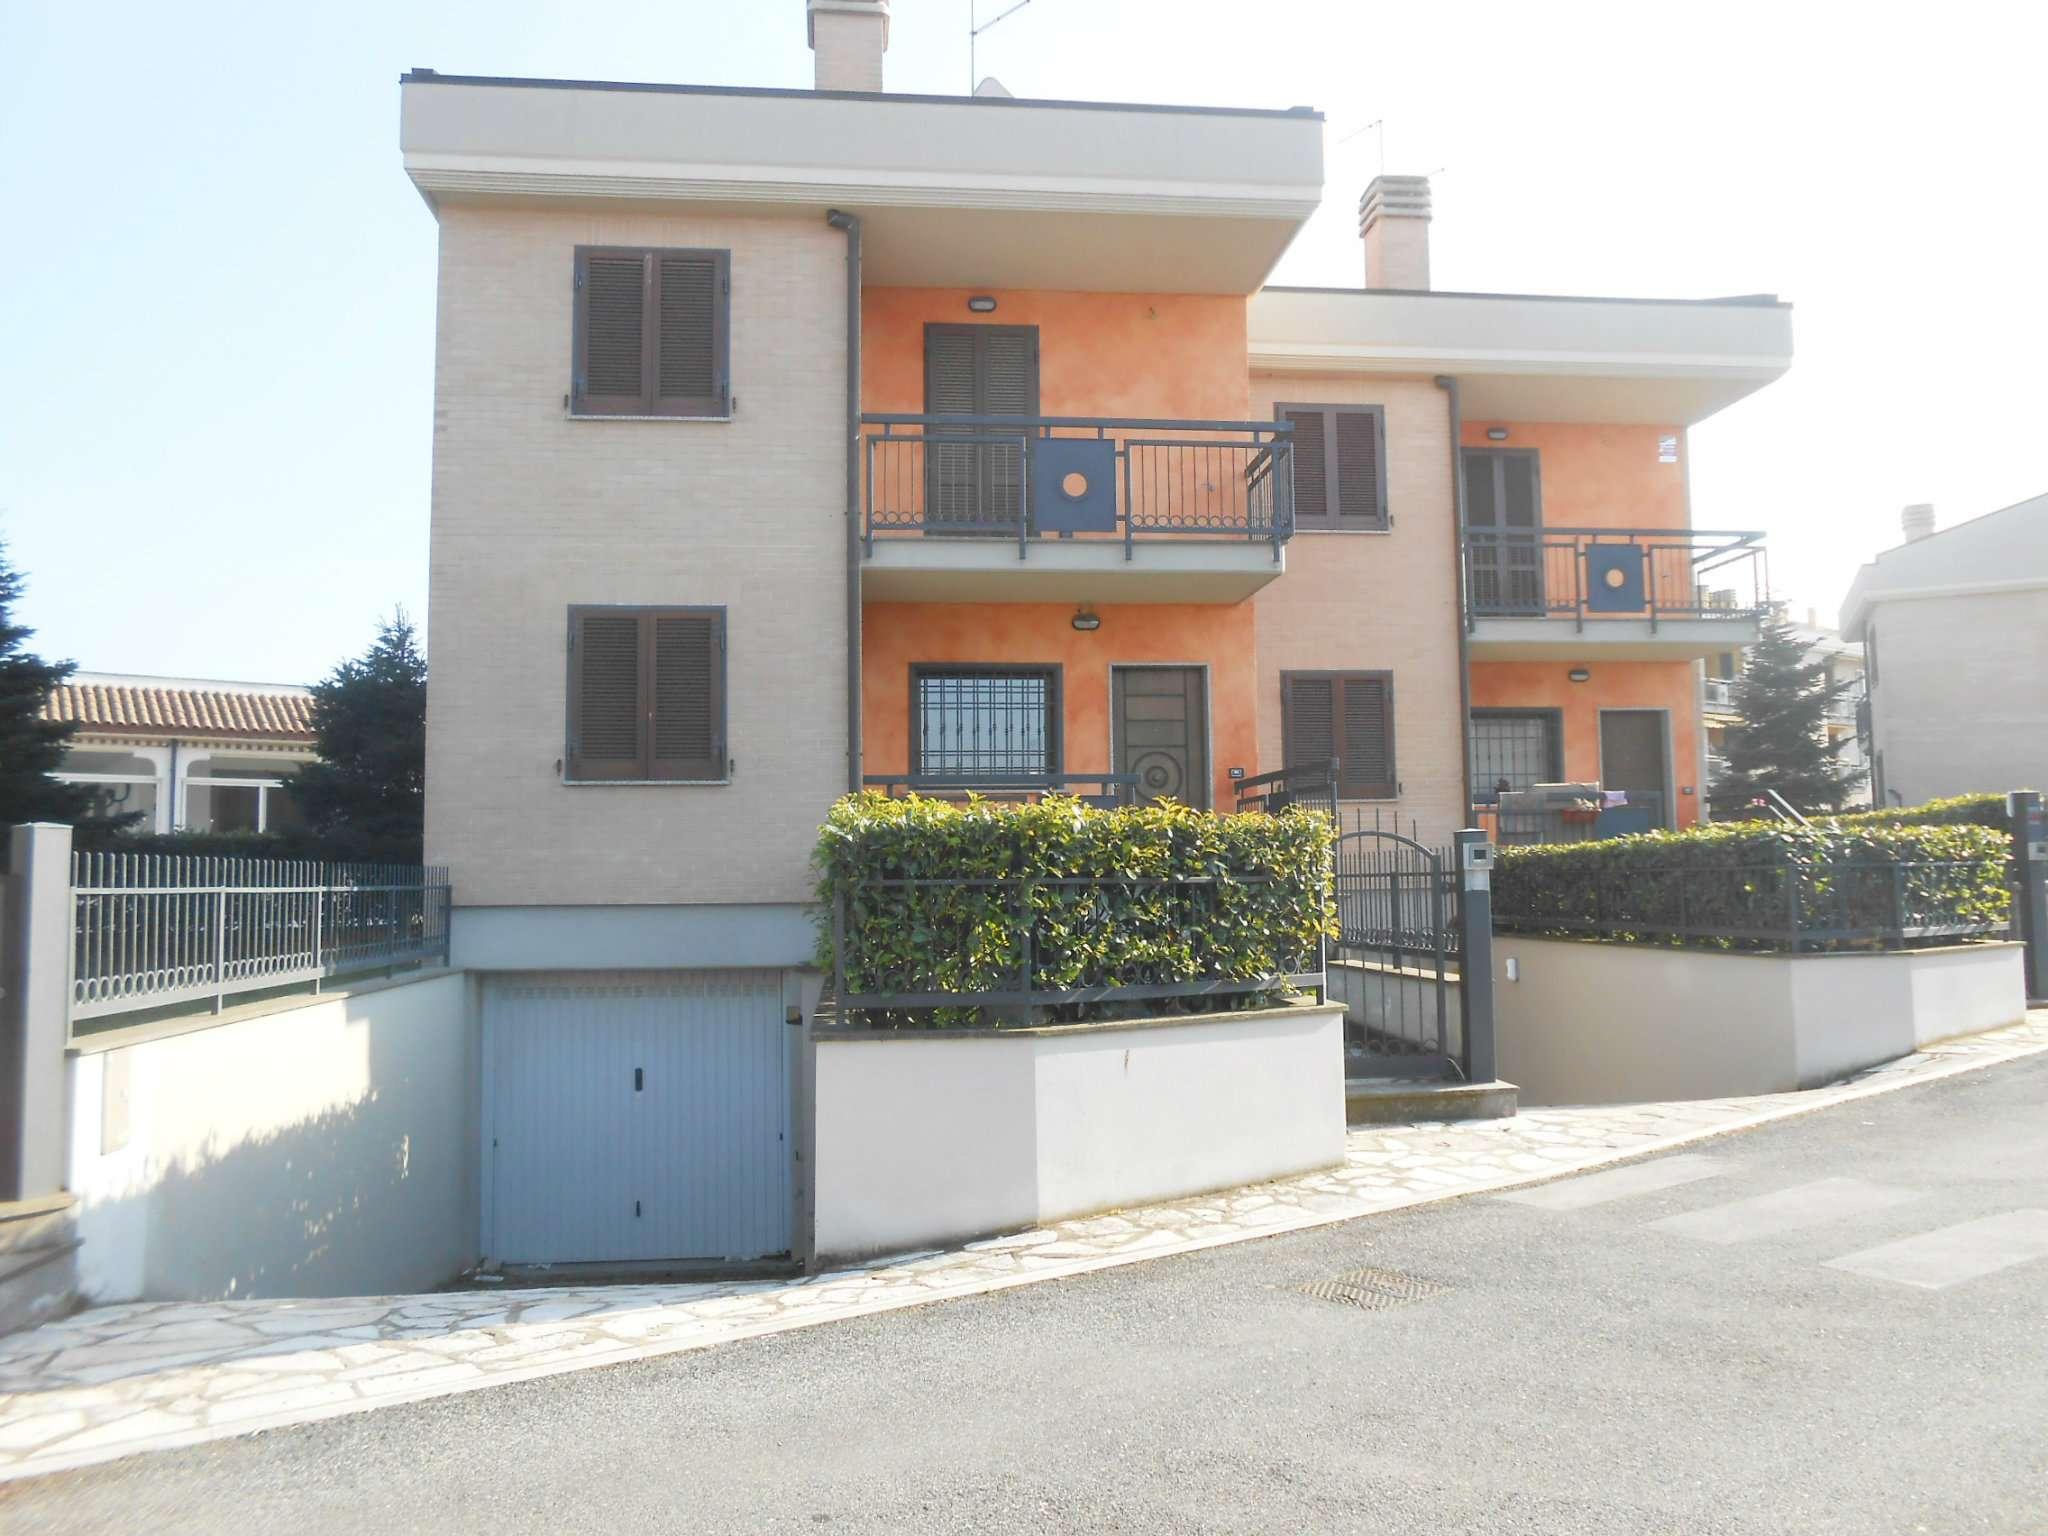 Villa Bifamiliare in vendita a Roma, 5 locali, zona Zona: 37 . Morena - Ciampino - Trigoria - Falcognana, prezzo € 440.000 | CambioCasa.it